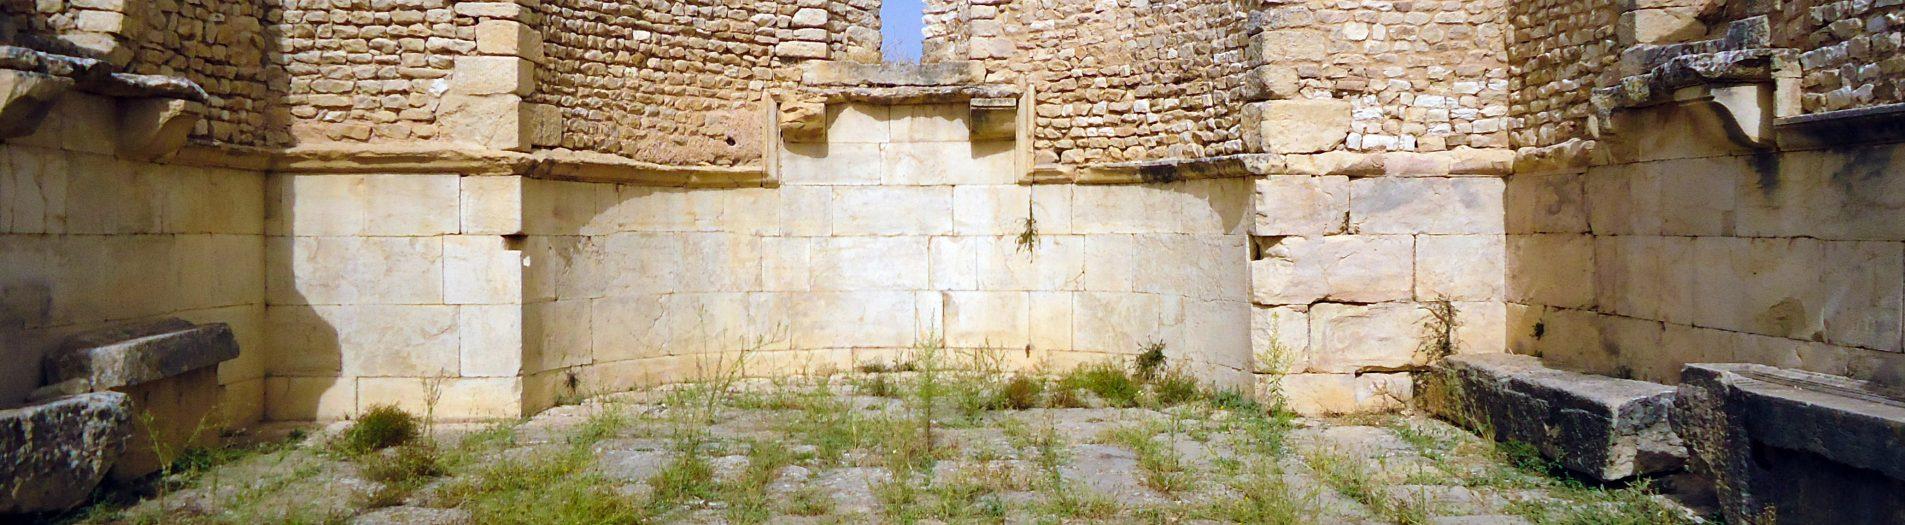 Les lieux de culte et les nécropolesromaines en Tunisie